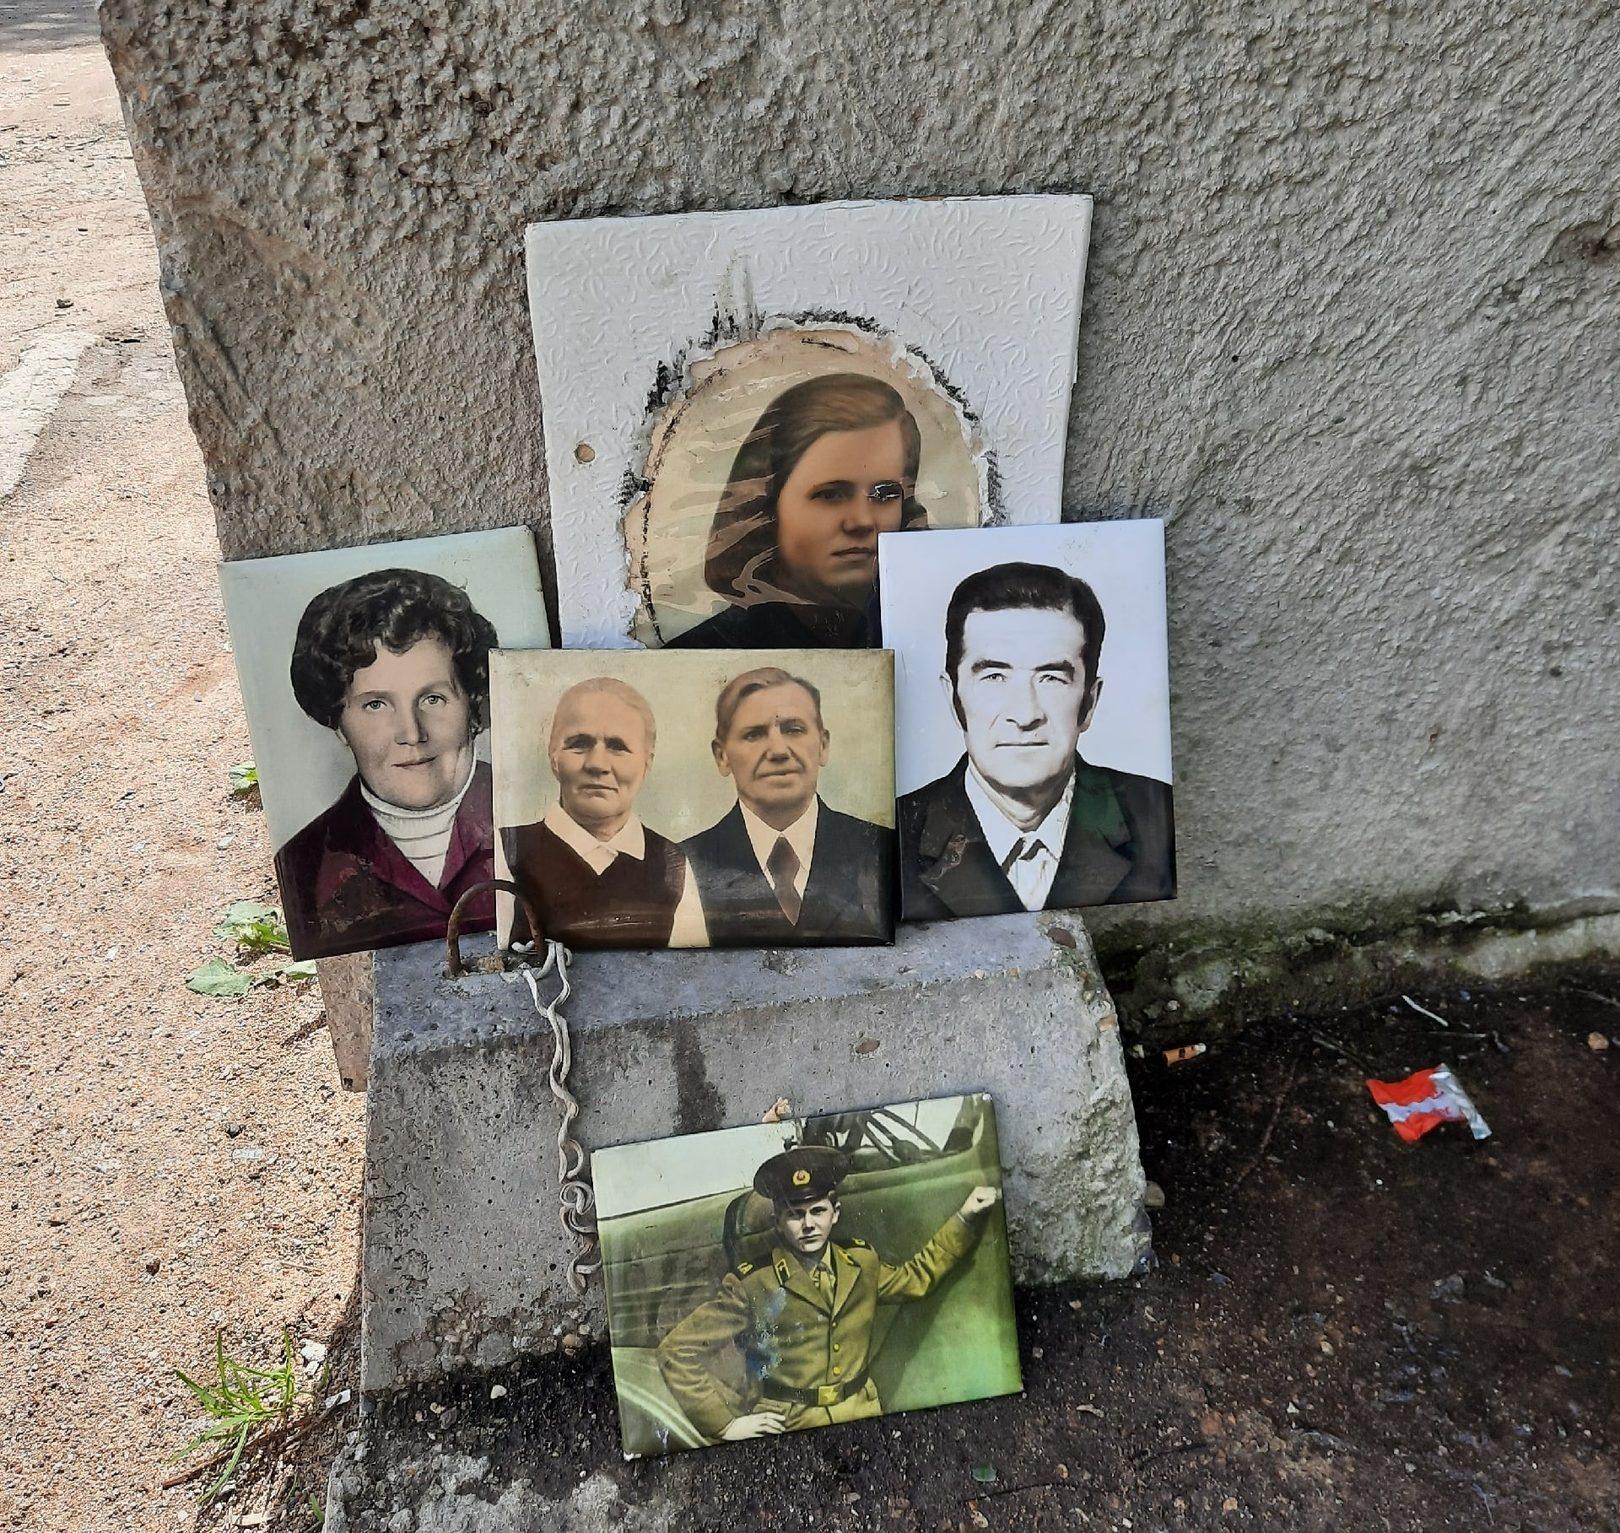 Жители Тверской области начали выбрасывать на помойку семейные фотографии